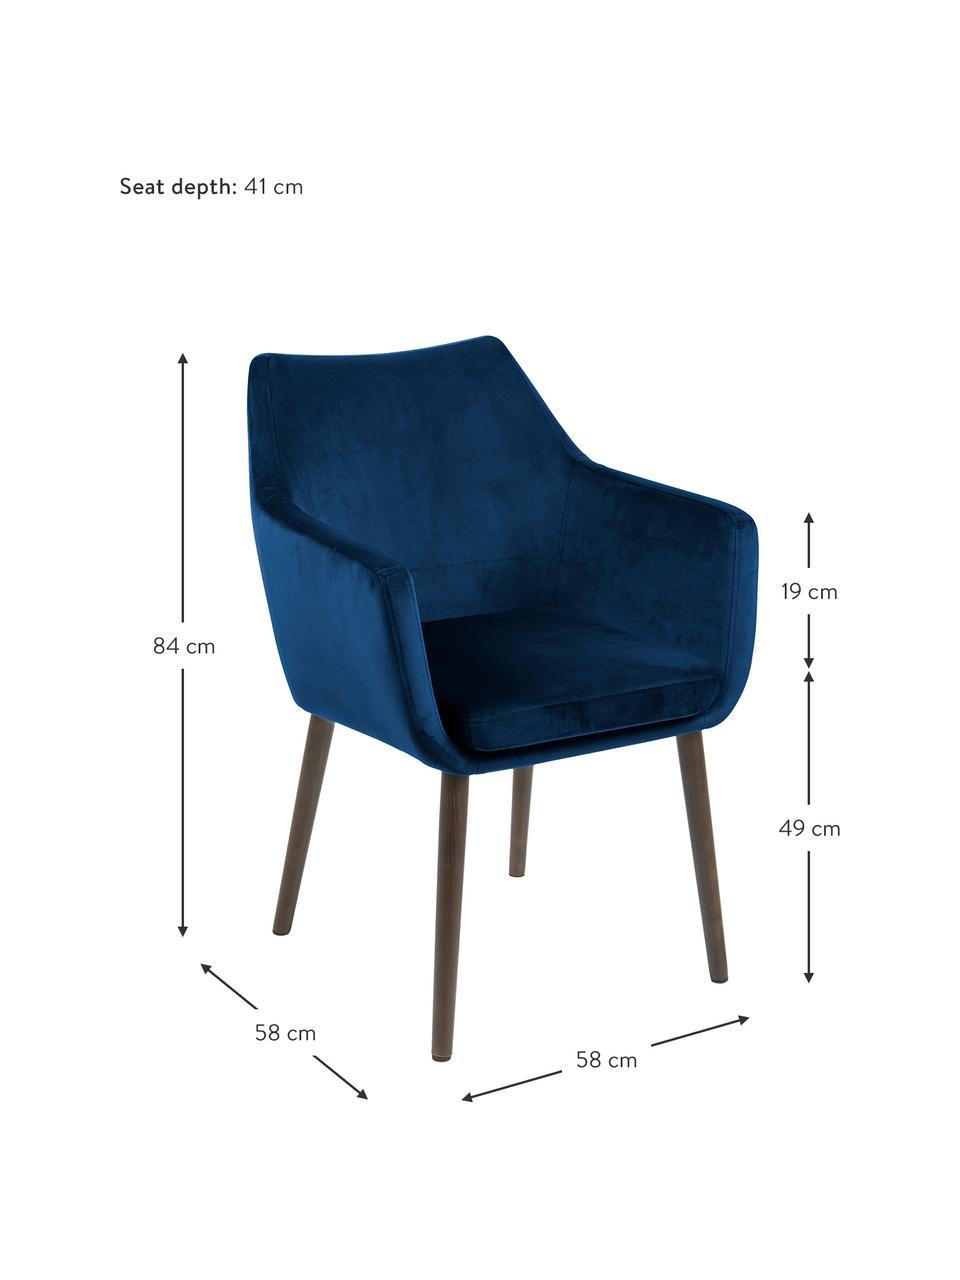 Krzesło z podłokietnikami z aksamitu Nora, Tapicerka: aksamit poliestrowy Dzięk, Nogi: drewno dębowe, bejcowane , Aksamitny ciemny niebieski, ciemny brązowy, S 58 x G 58 cm